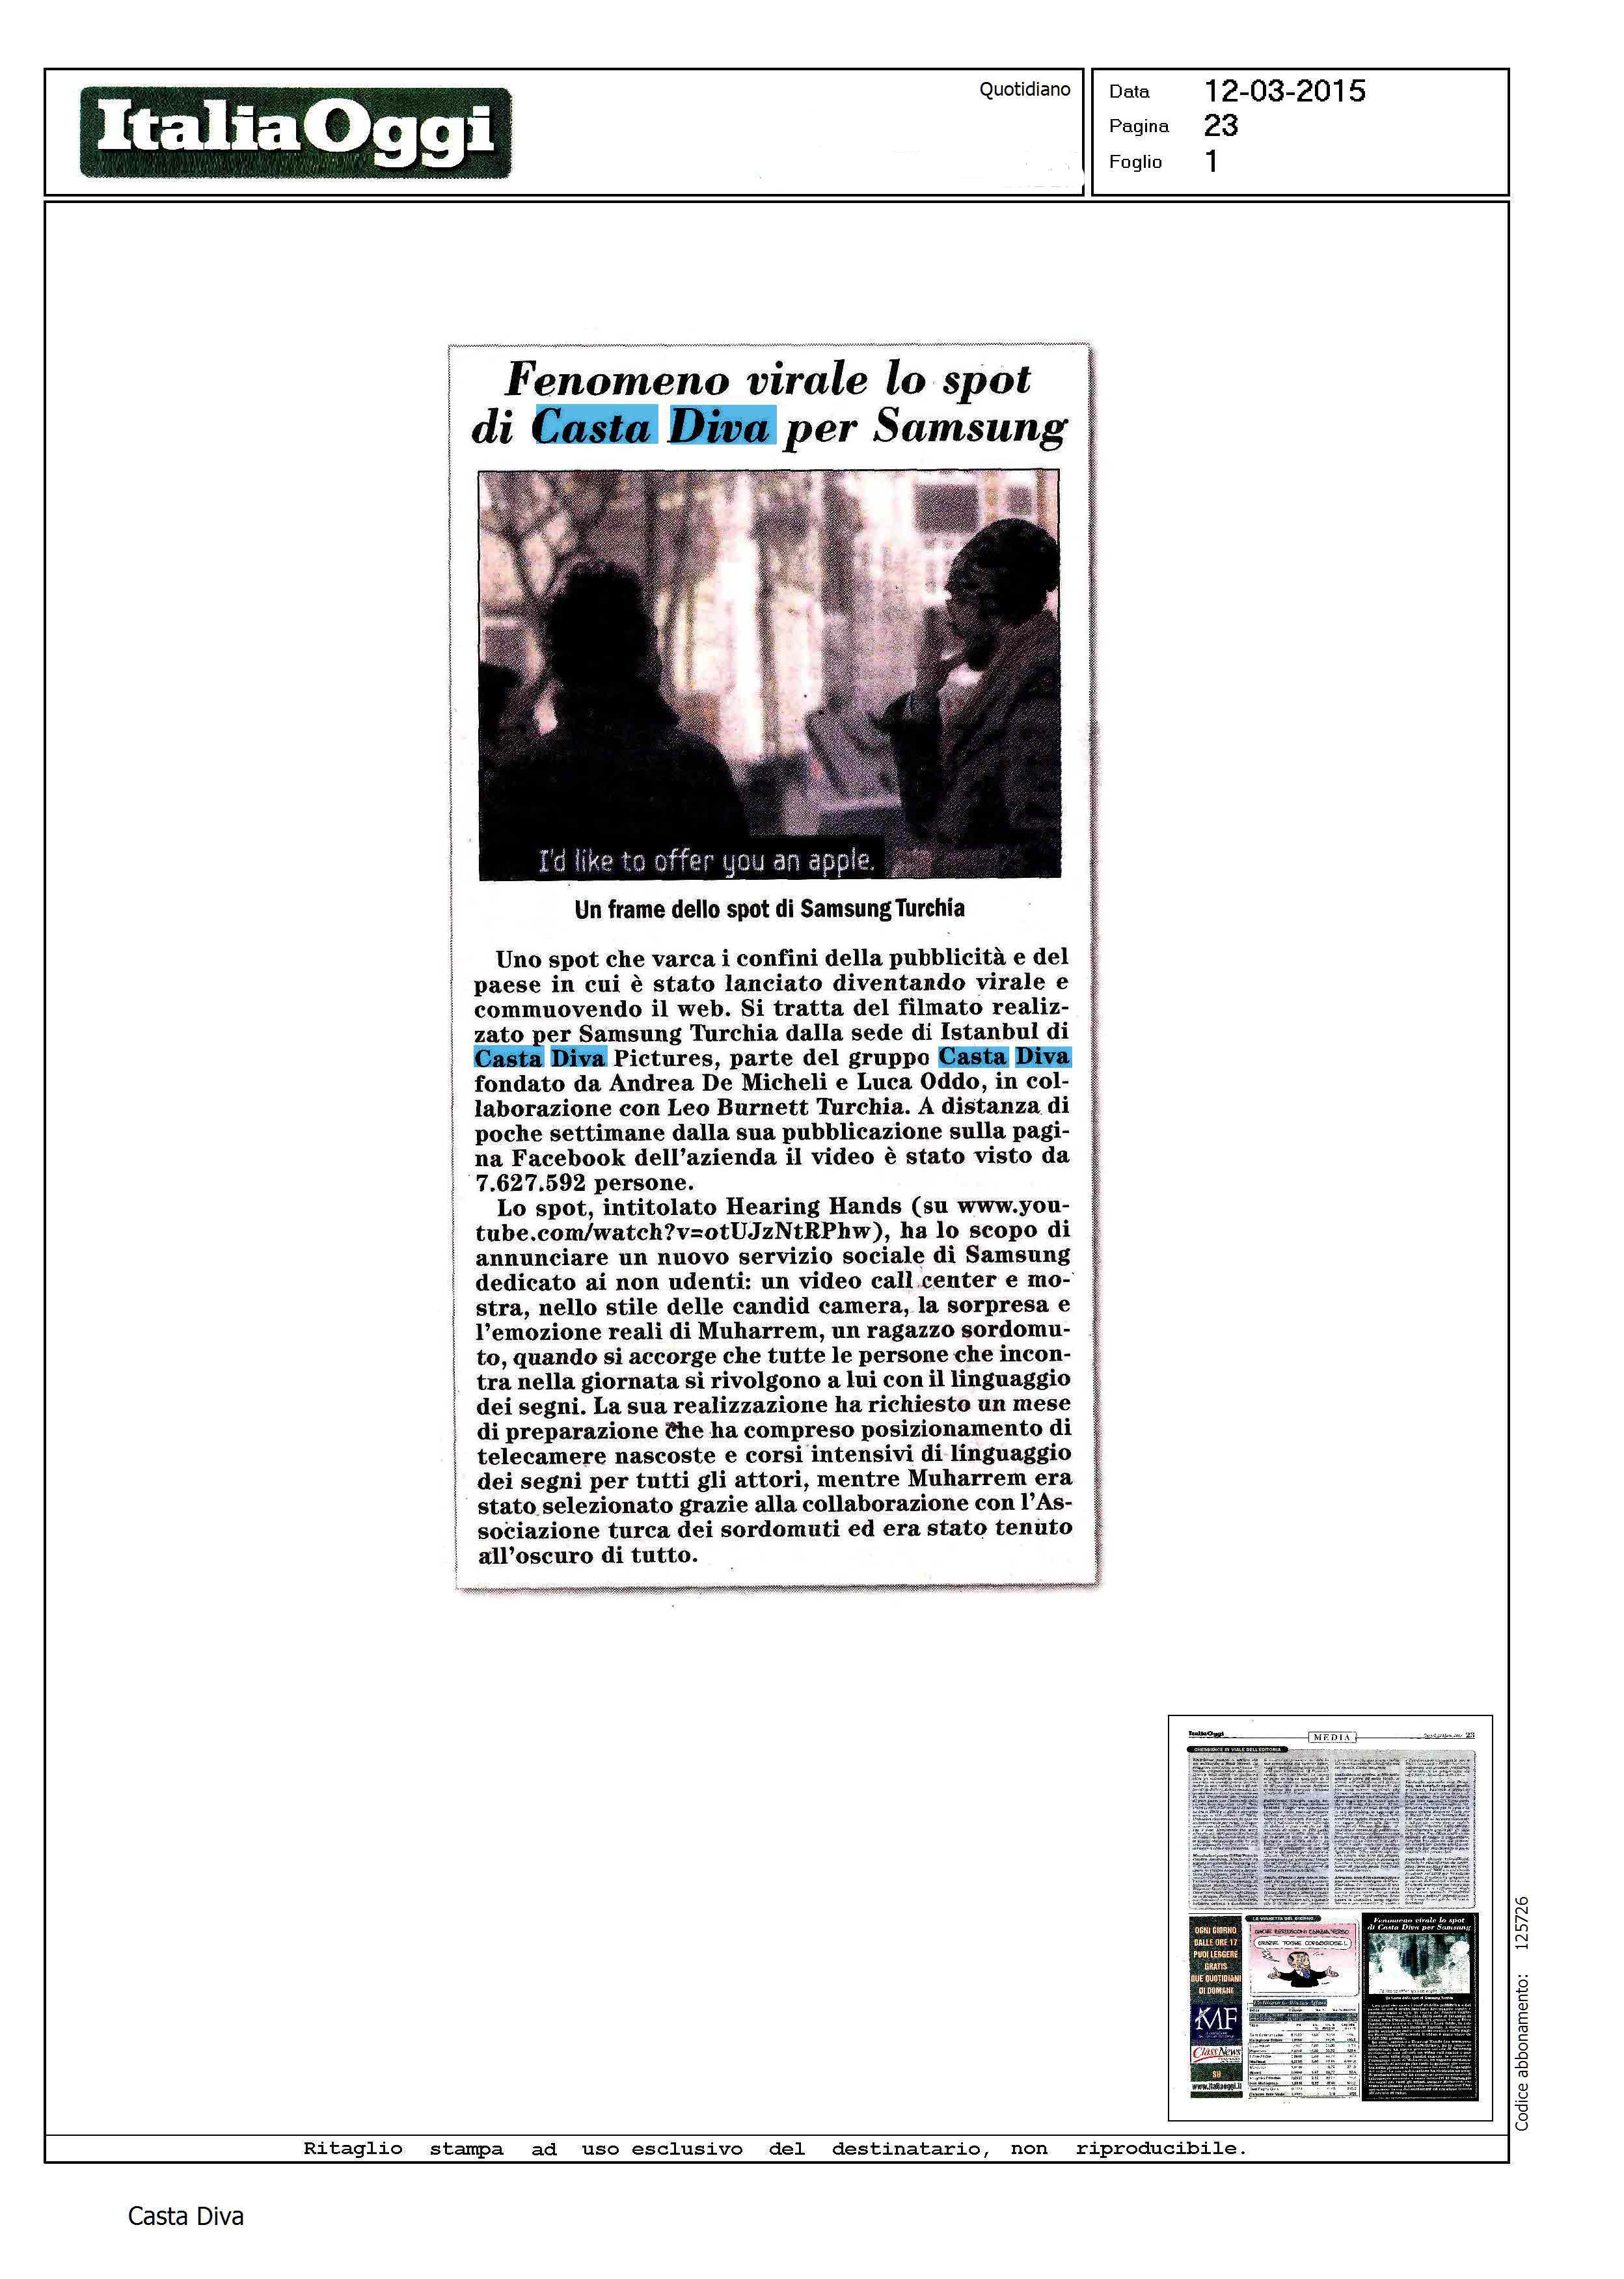 Fenomeno virale lo spot di casta diva per samsung italia oggi casta diva group - Casta diva group ...